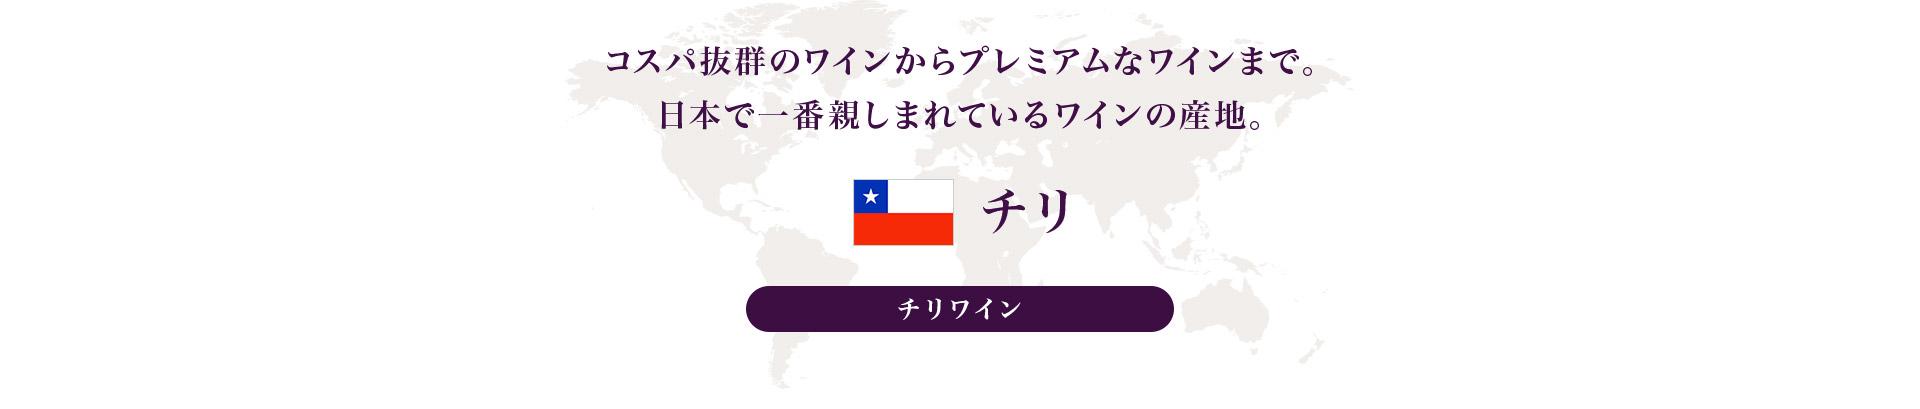 コスパ抜群のワインからプレミアムなワインまで。日本で一番親しまれているワインの産地。 チリ チリワイン